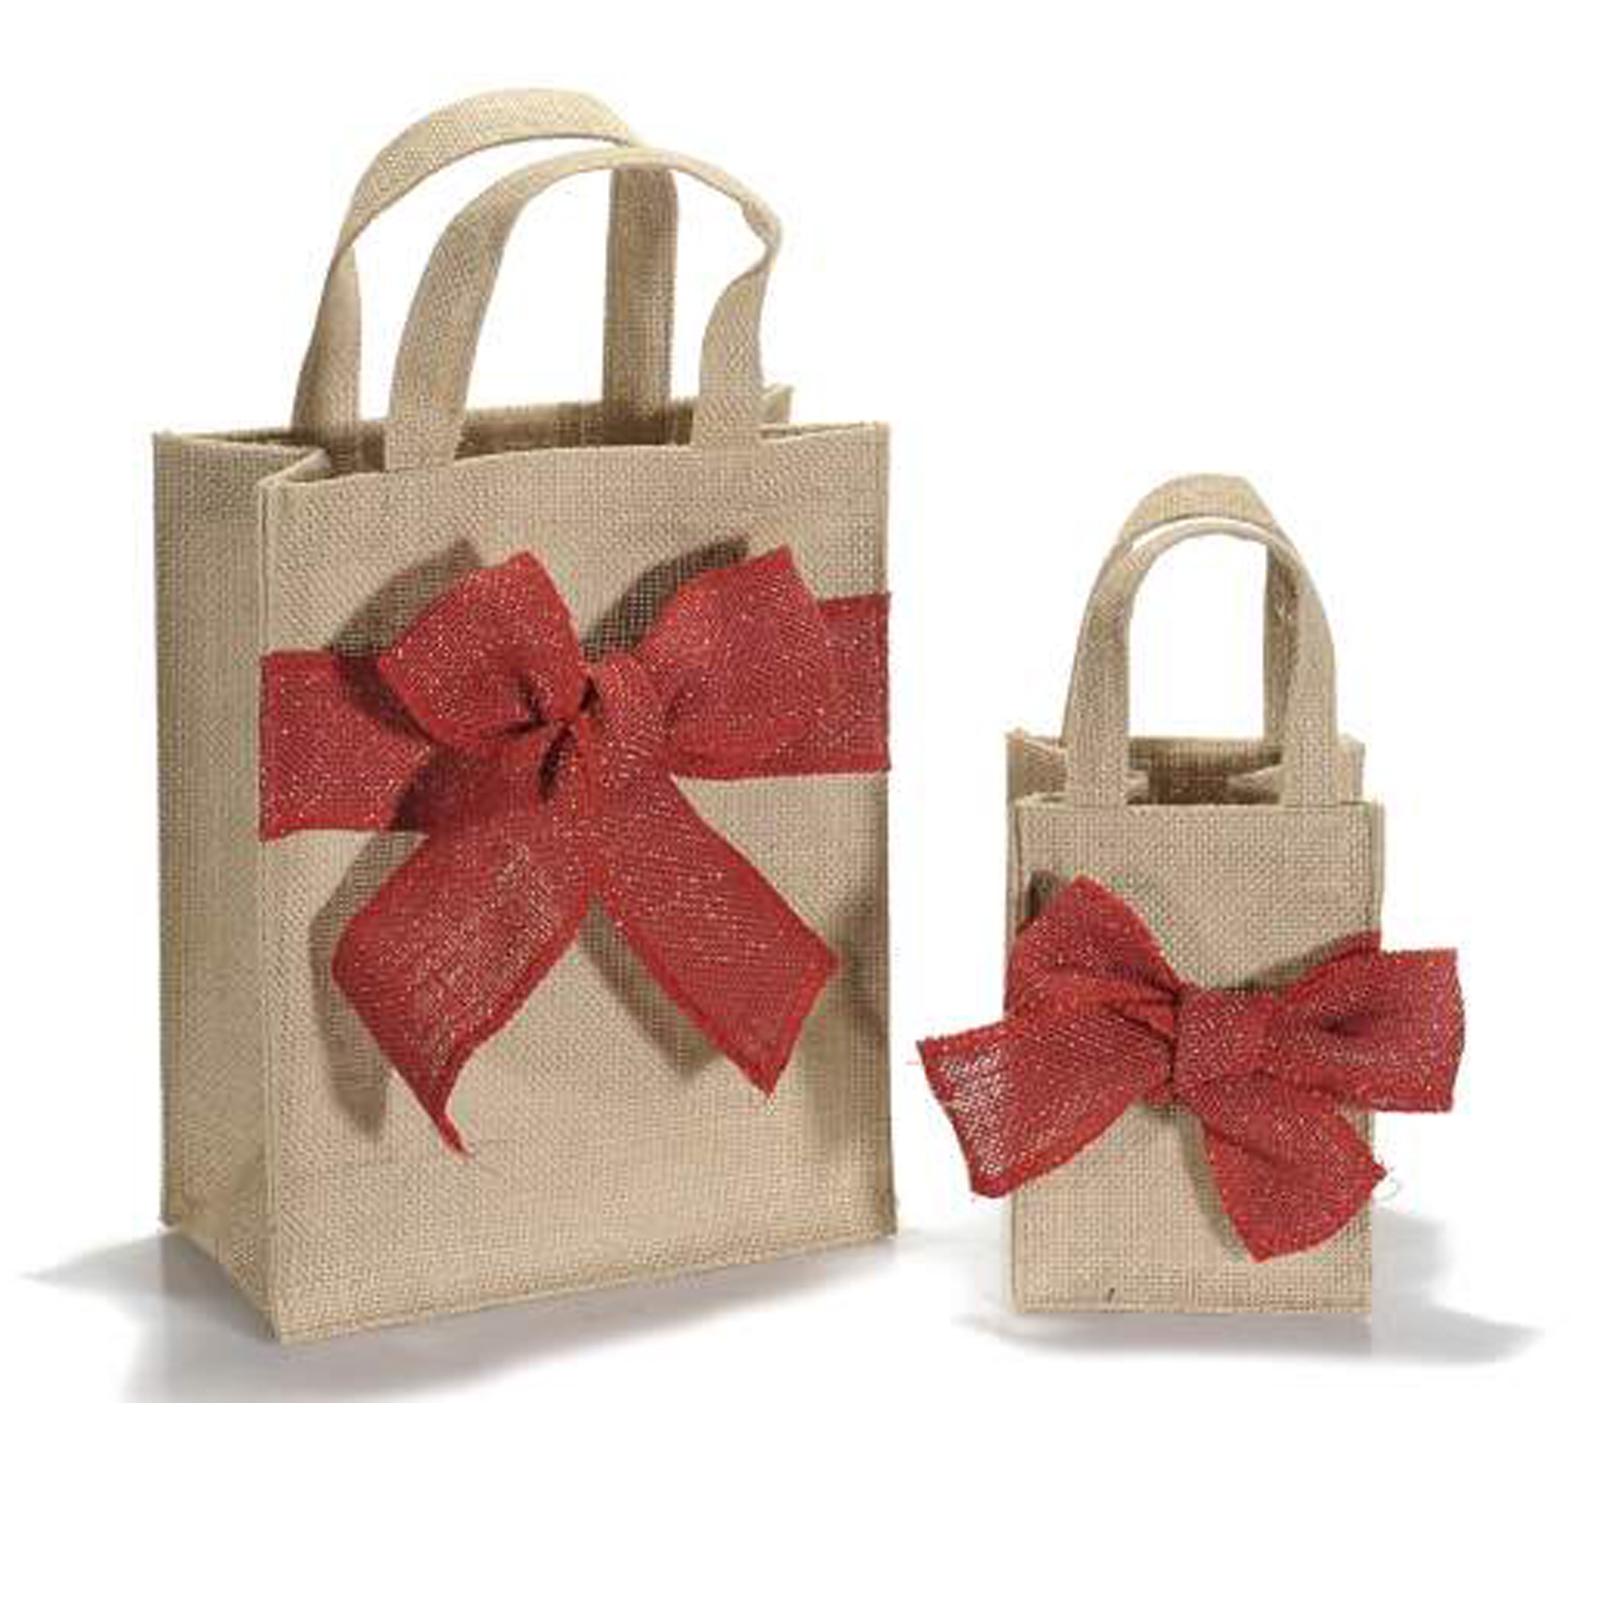 Borse regalo sacchetti e cestini di natale scatole for Scatole per armadi in tessuto